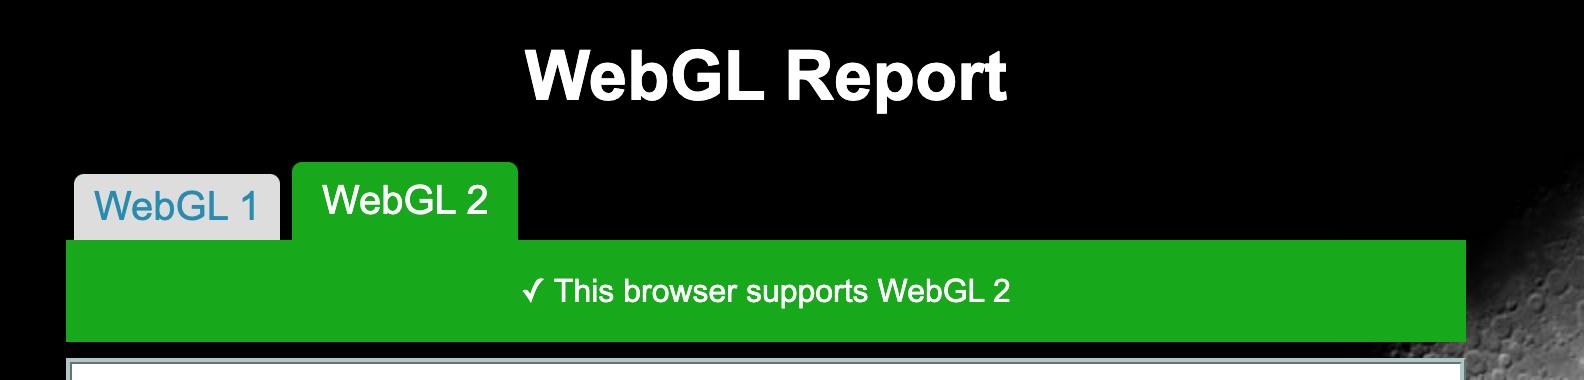 WebGL 2 Support Success